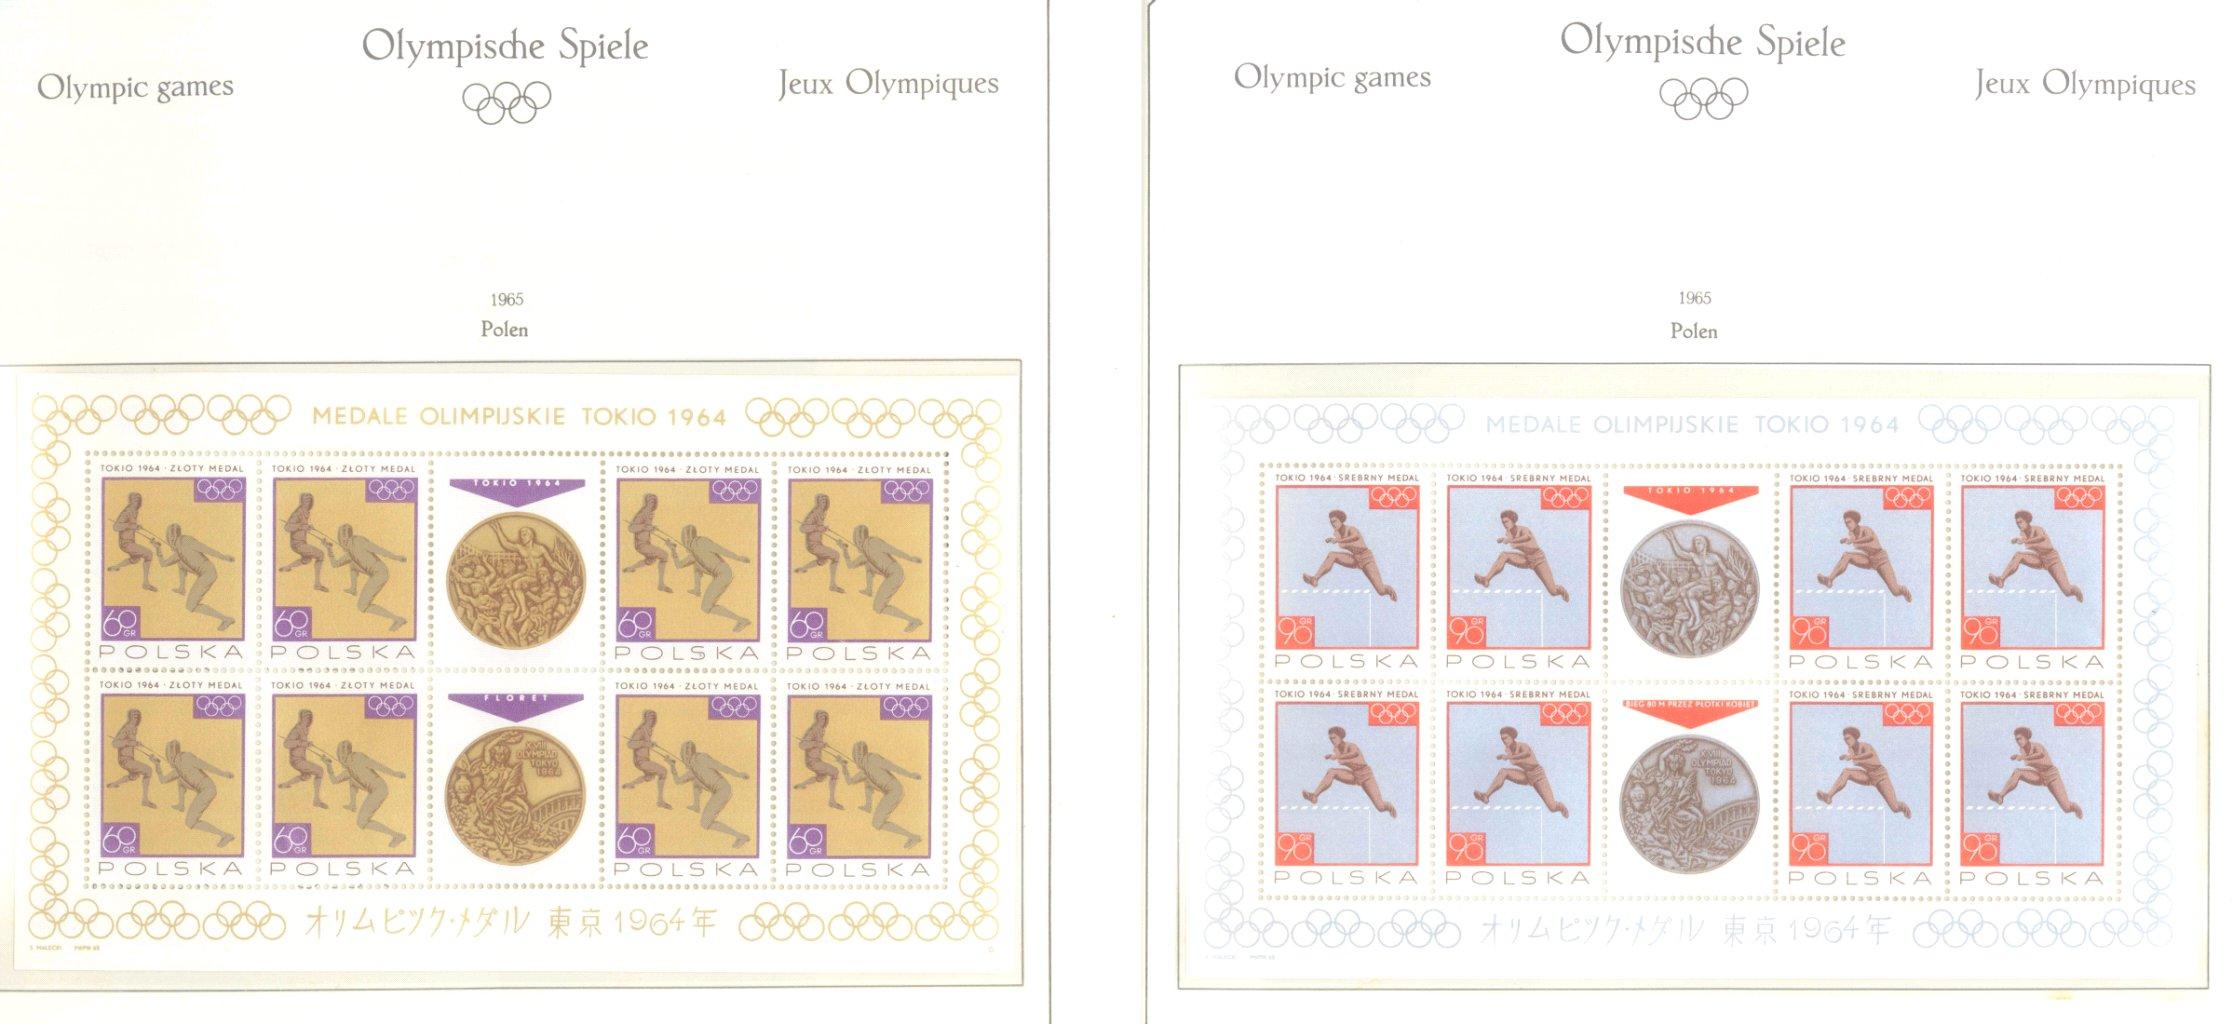 OLYMPISCHE SPIELE 1964 TOKIO, postfrische Sammlung Teil 2-24